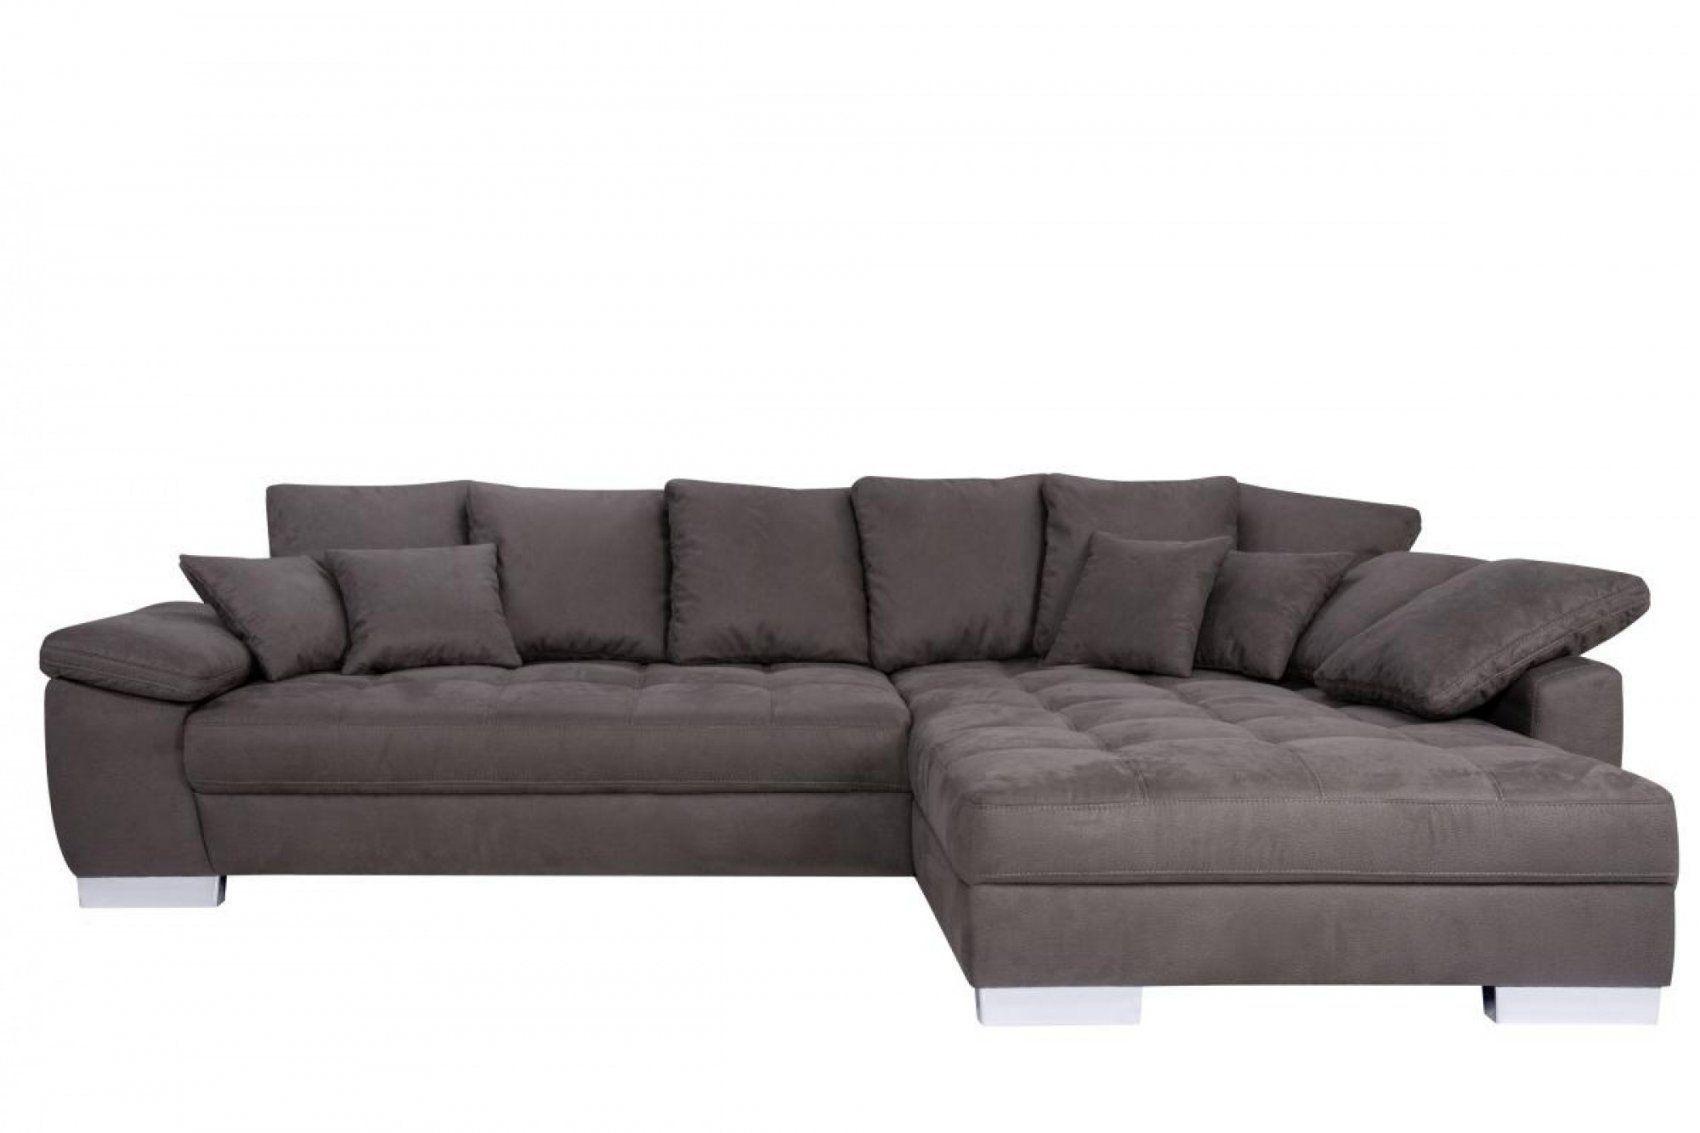 Full Size of Big Sofa Poco Fresh 36 With Von Domne L Form In Mondo Reiniger Rattan Hersteller Online Kaufen Schillig Weißes 3 2 1 Sitzer Günstig Stilecht Bezug Sofa Big Sofa Poco